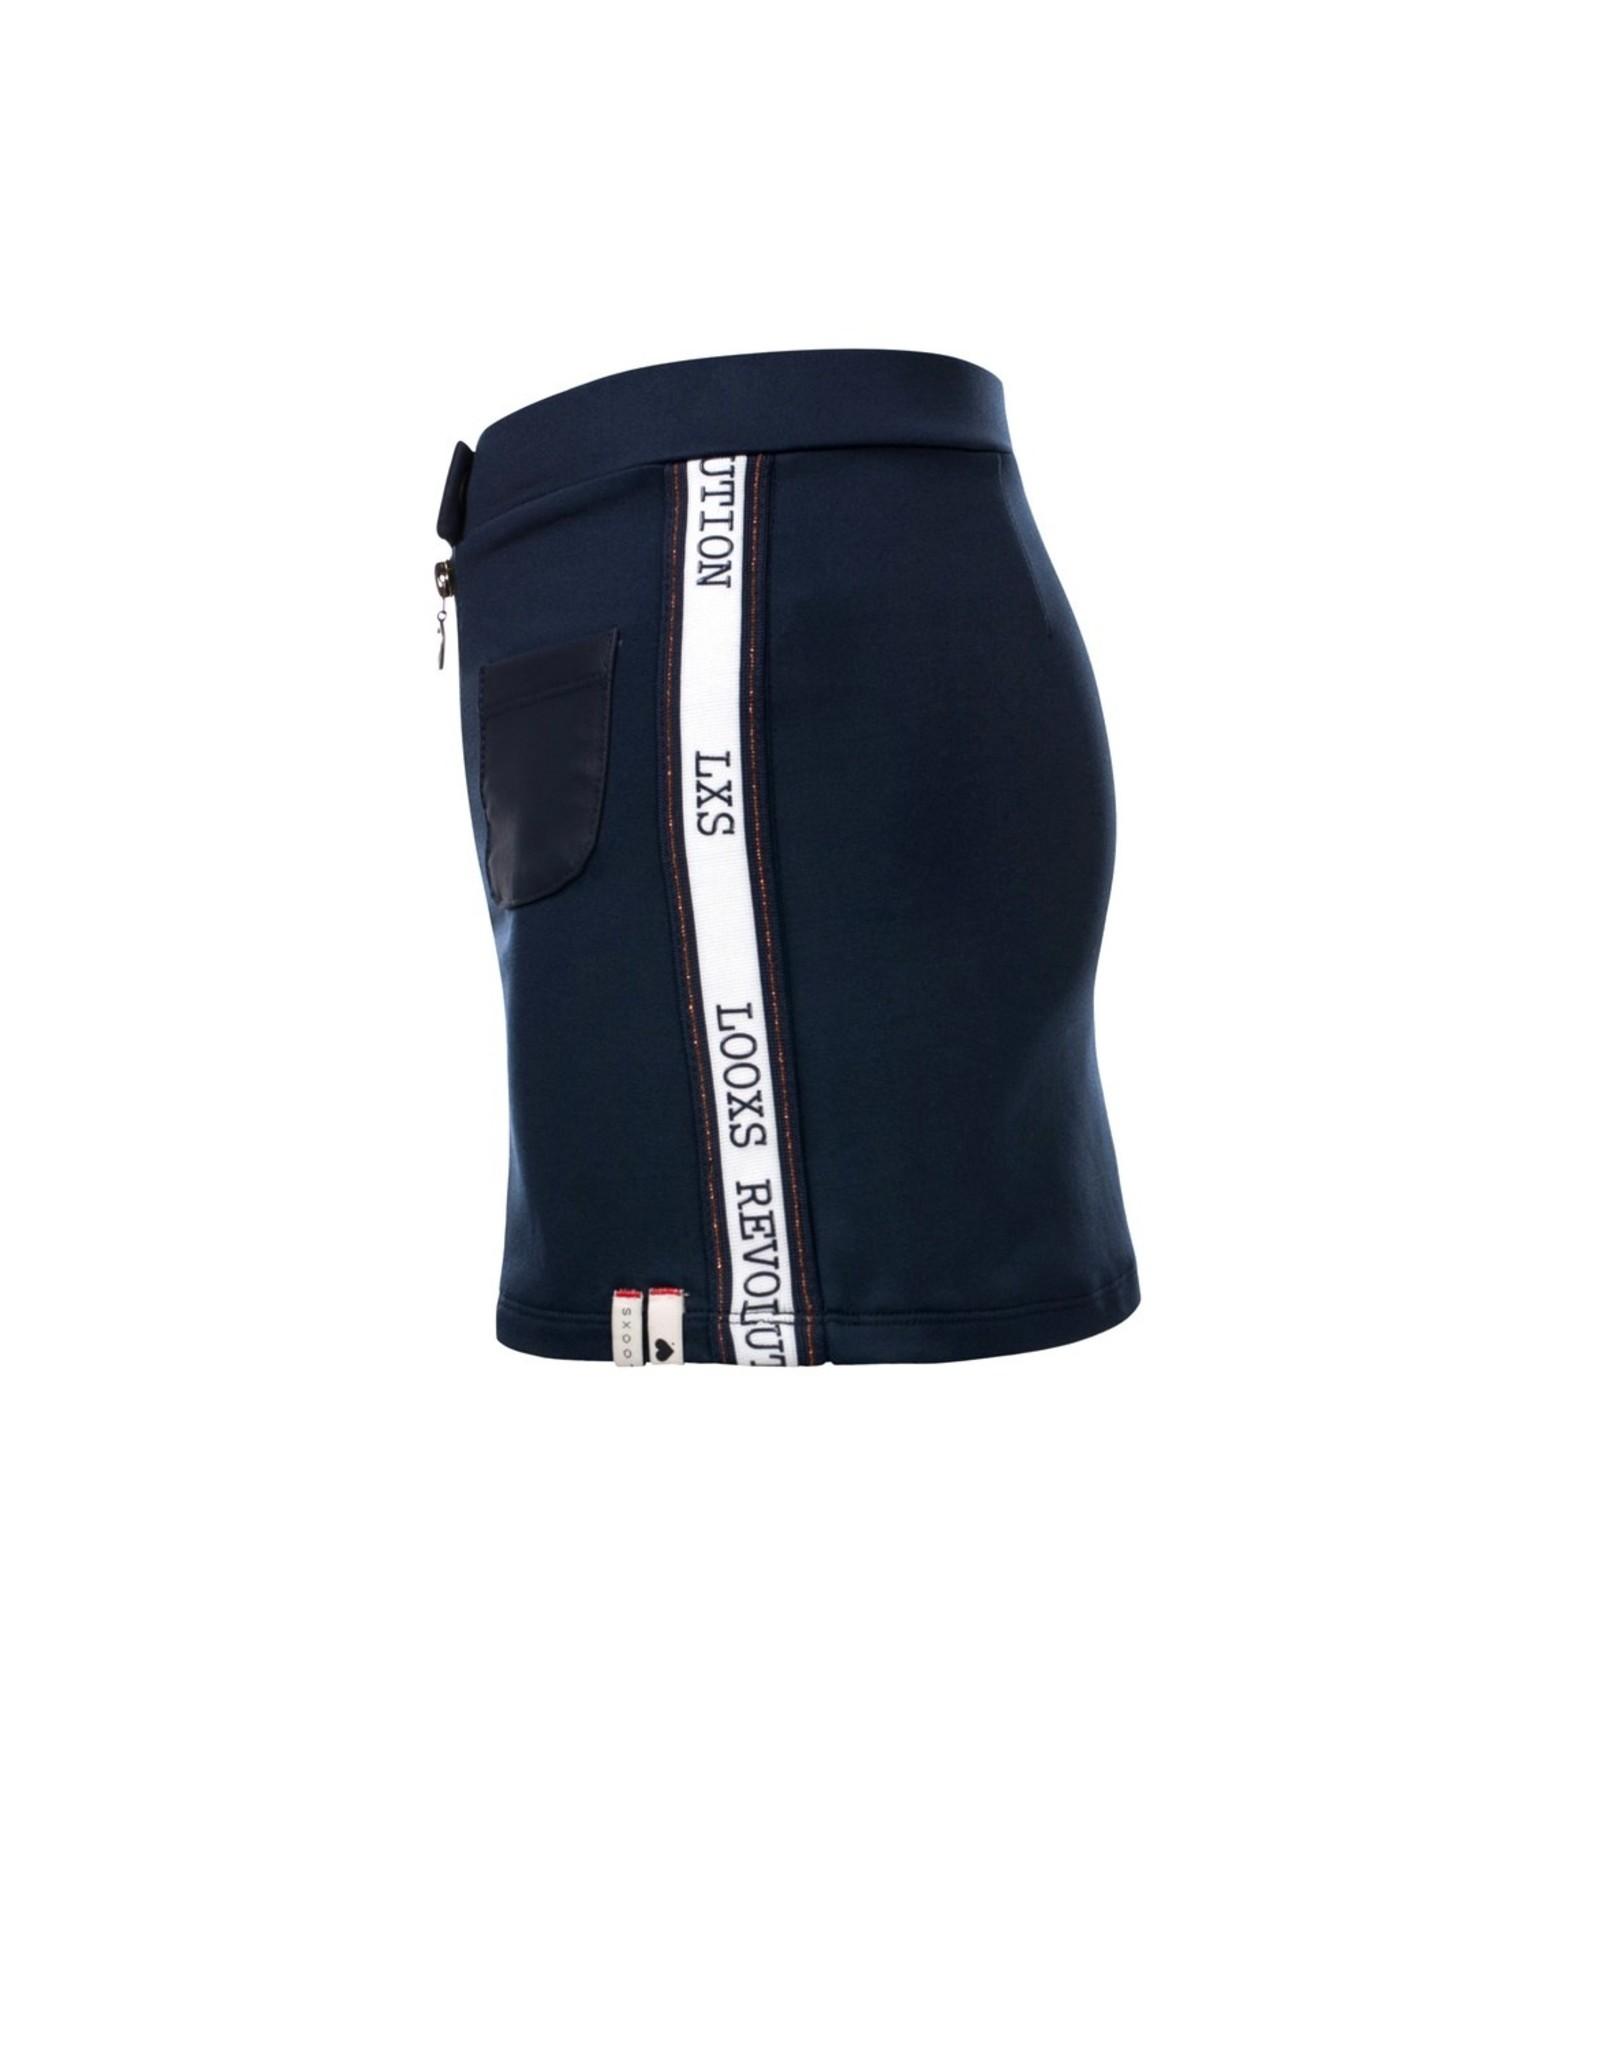 Looxs Revolution Girls skirt zipper